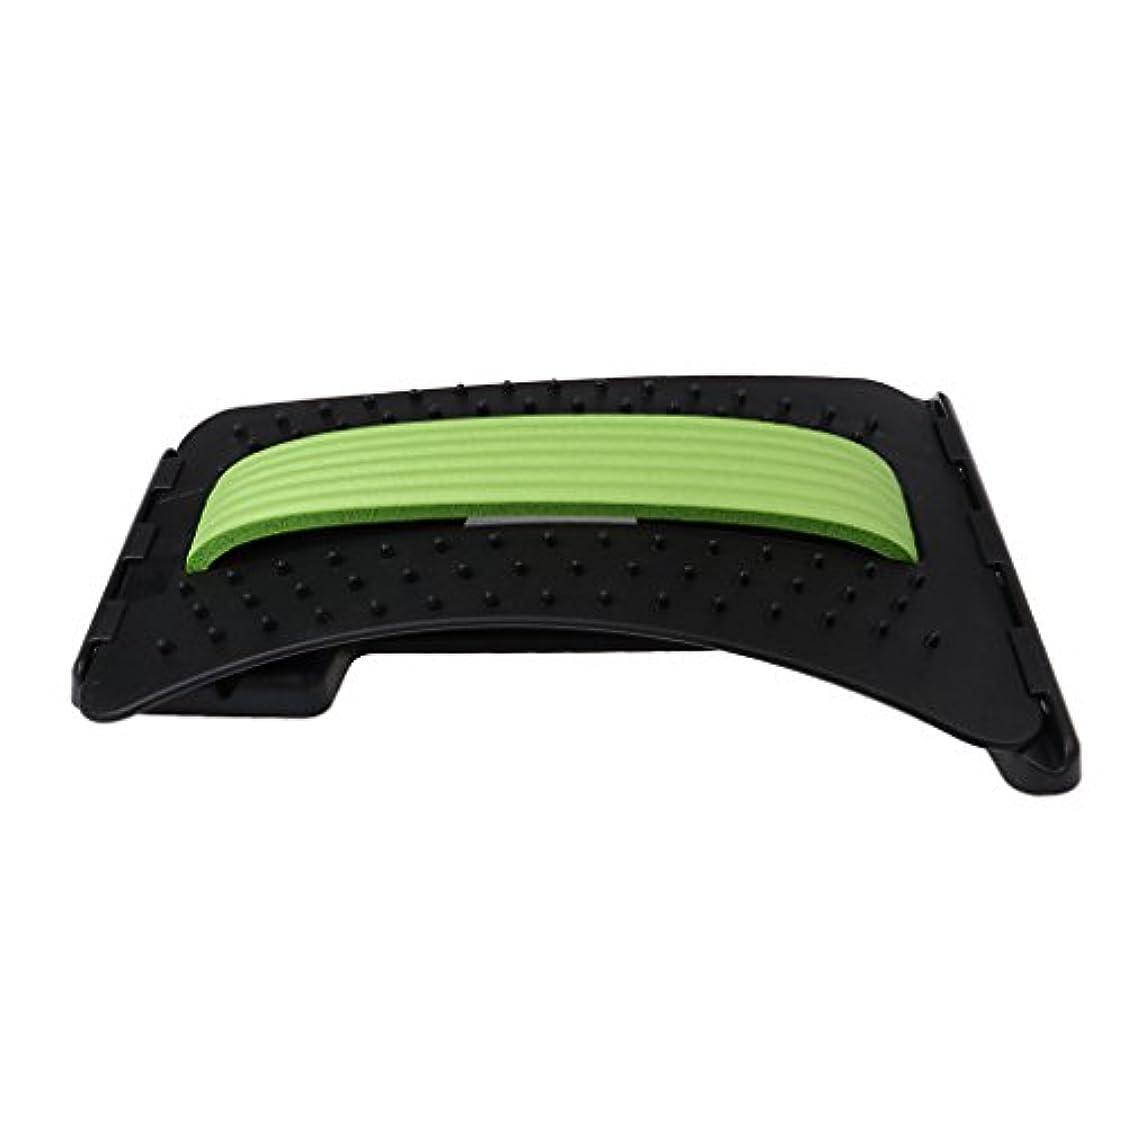 安いです満了絶滅したバックストレッチャー ABS製 リラックス ストレス解消 3色選べる - 緑